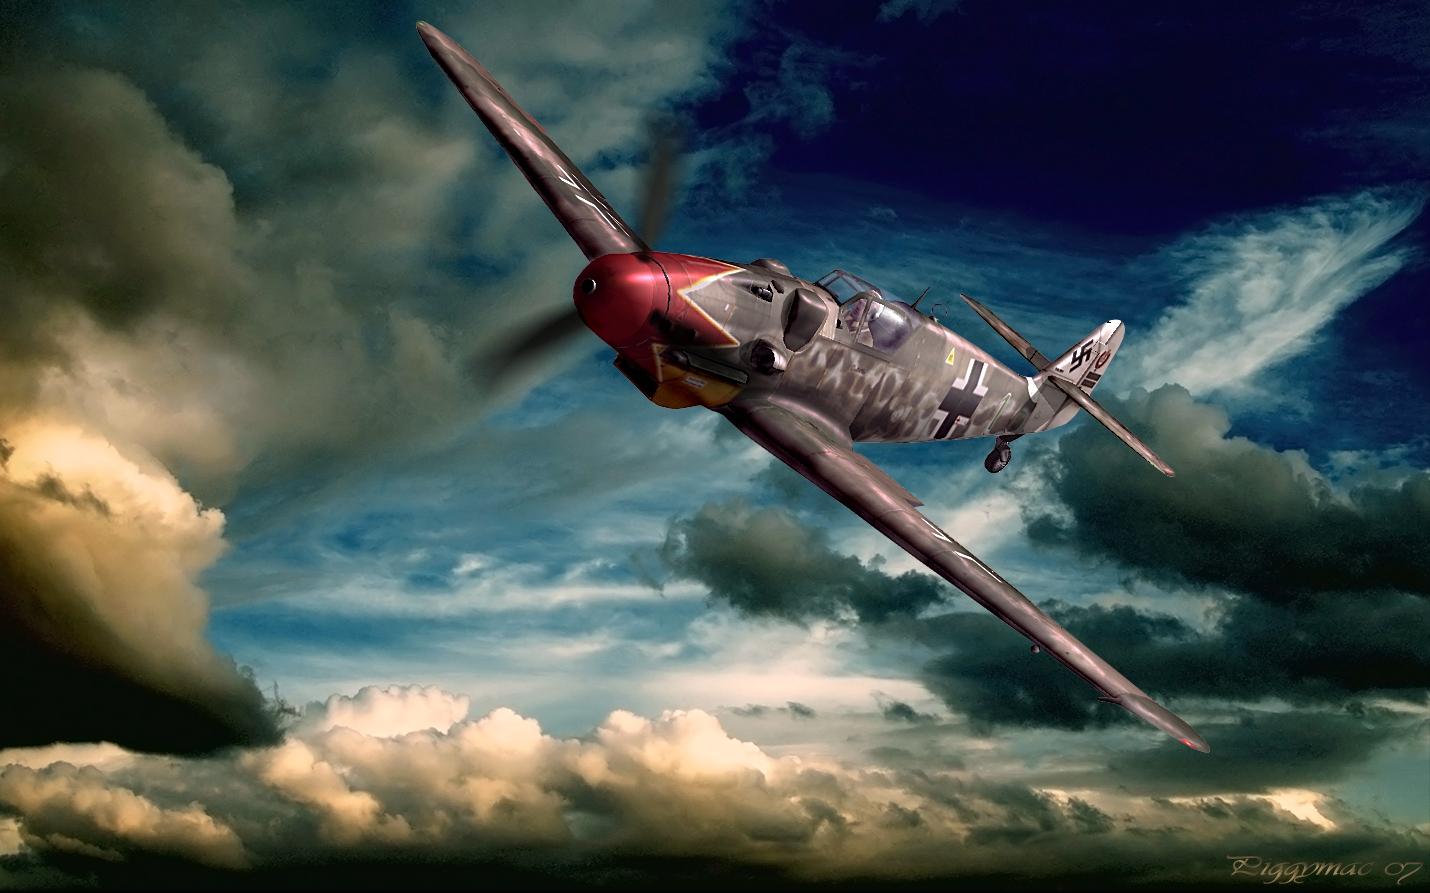 Messerschmitt Bf 109 Wallpaper   ForWallpapercom 1430x893